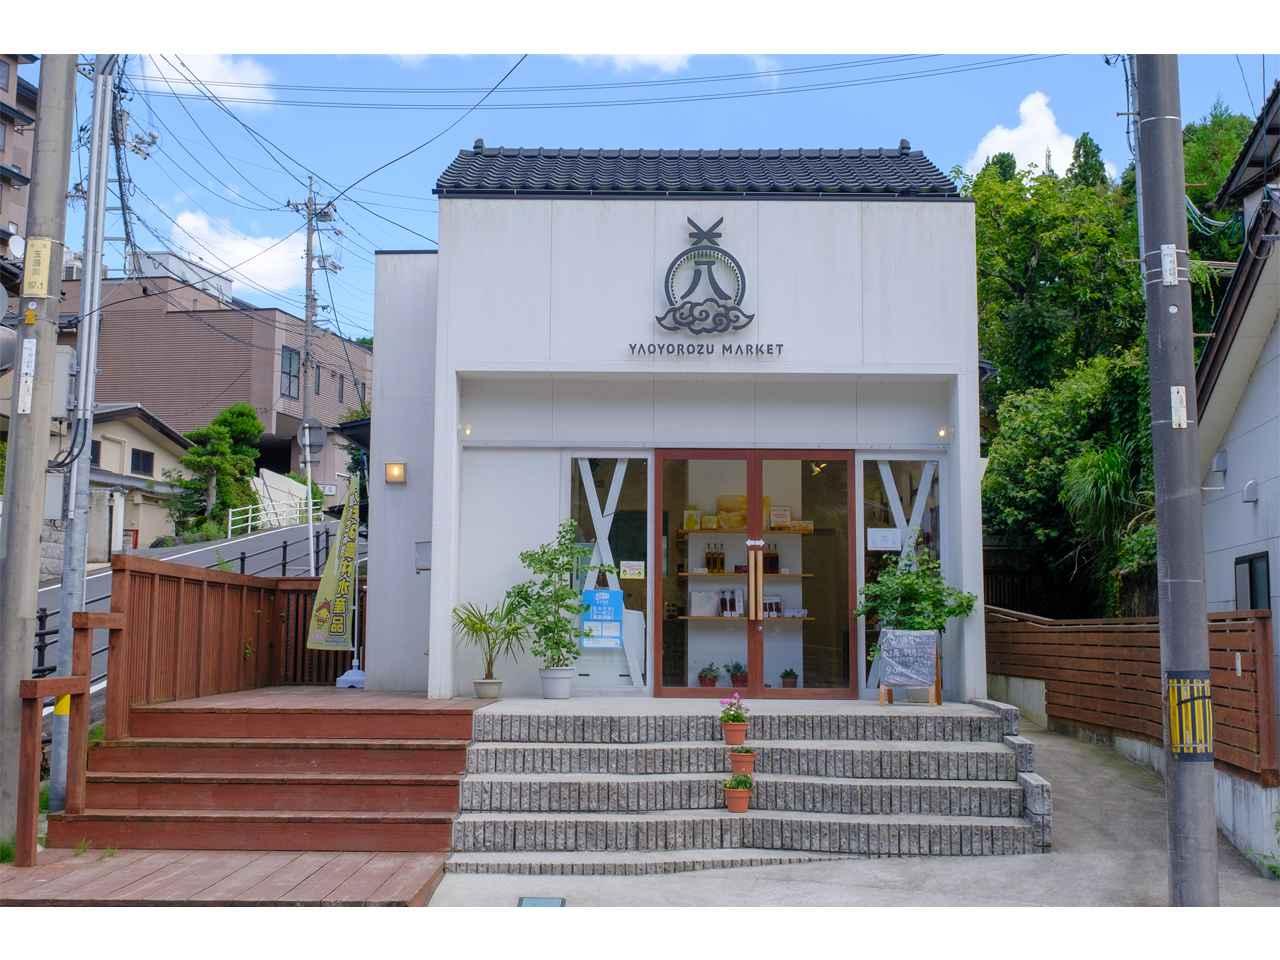 画像: 松江の良品が揃う「八百万マーケット」。